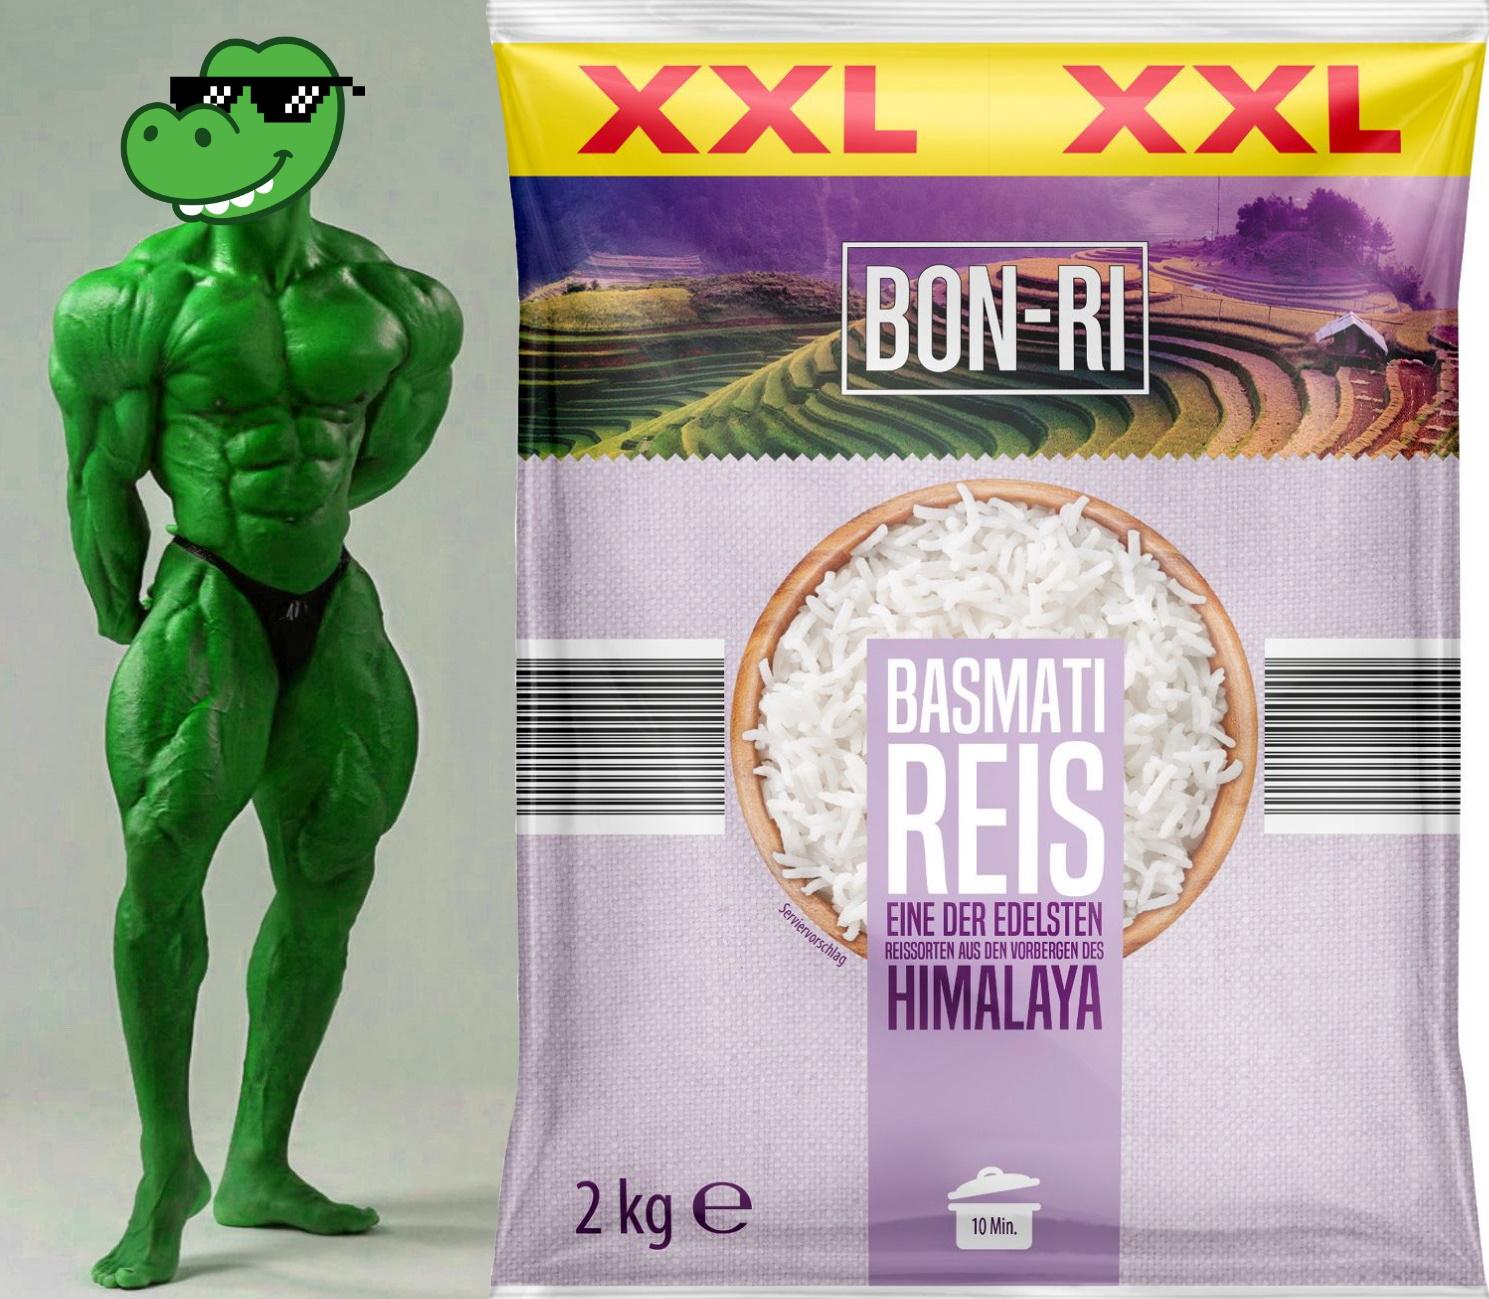 Pumpermarkt [31/21]: z.B. 2kg Bon-Ri Basmati Reis für 3,29€ bei Aldi (Nord & Süd) ab Freitag